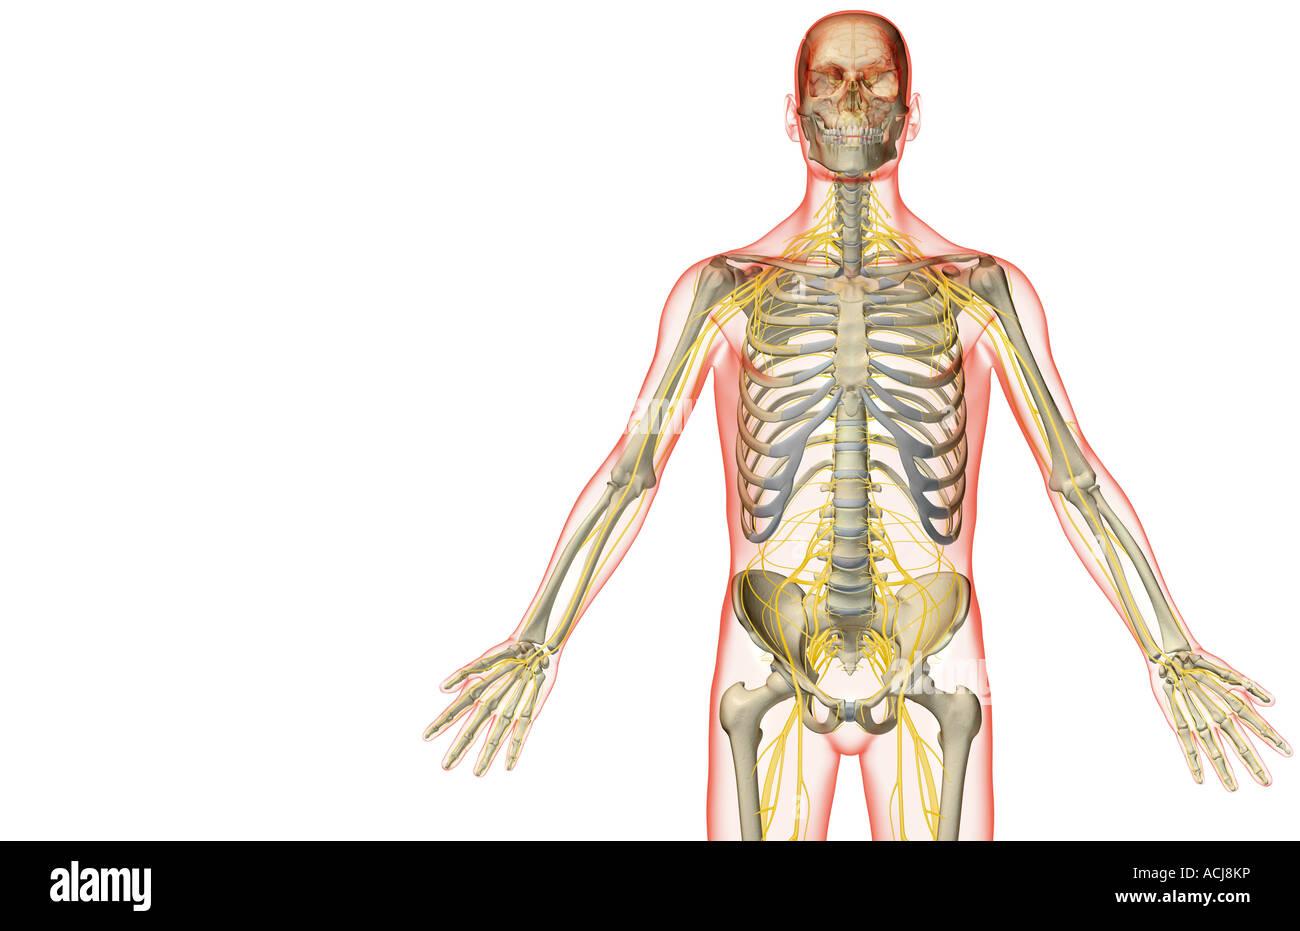 Die Nerven-Versorgung des Oberkörpers Stockfoto, Bild: 13167849 - Alamy